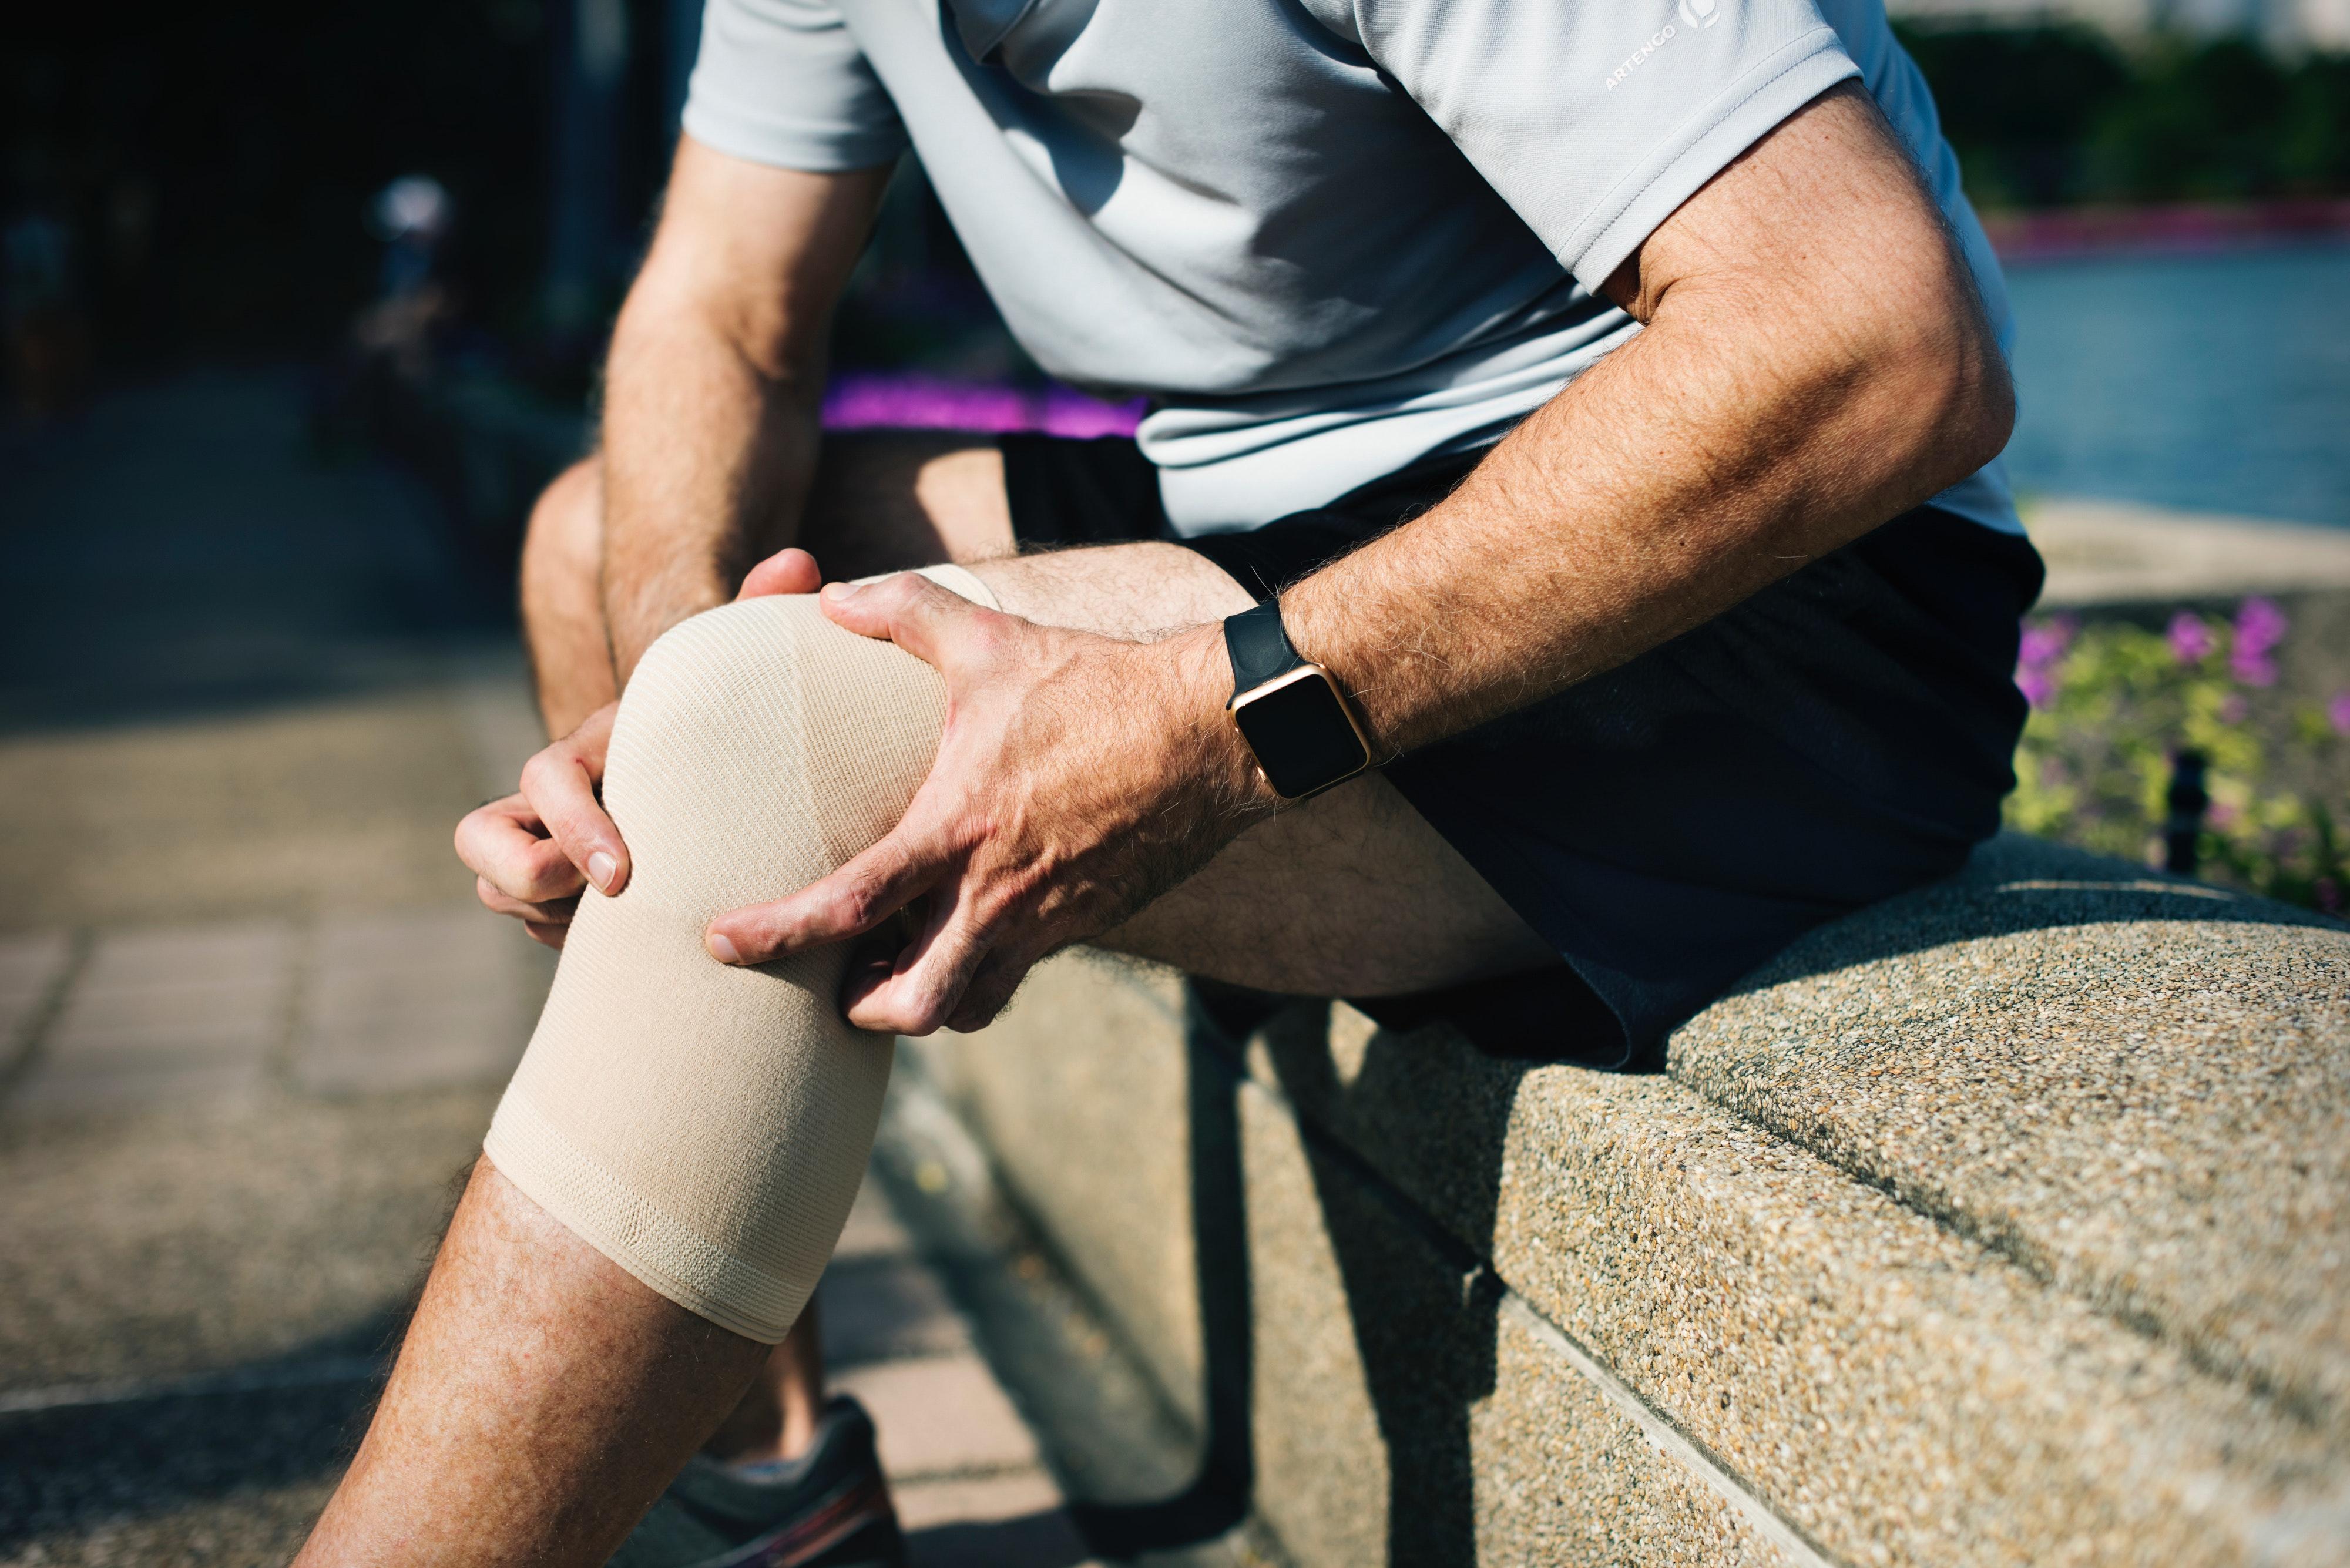 arthritis in knees